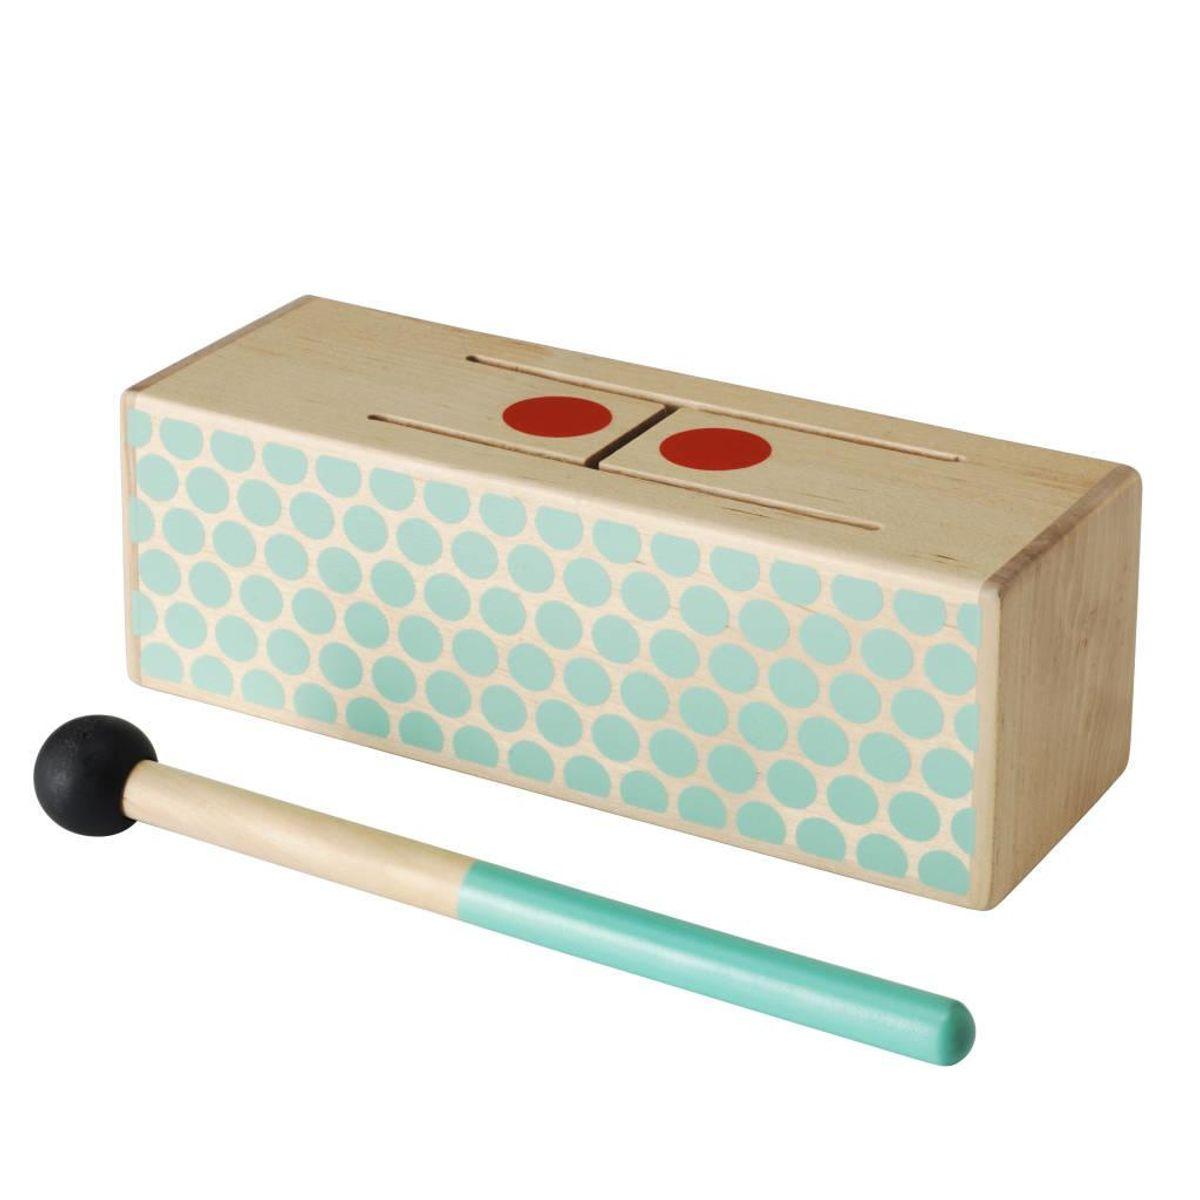 LATTJO slaginstrument. Foto: IKEA